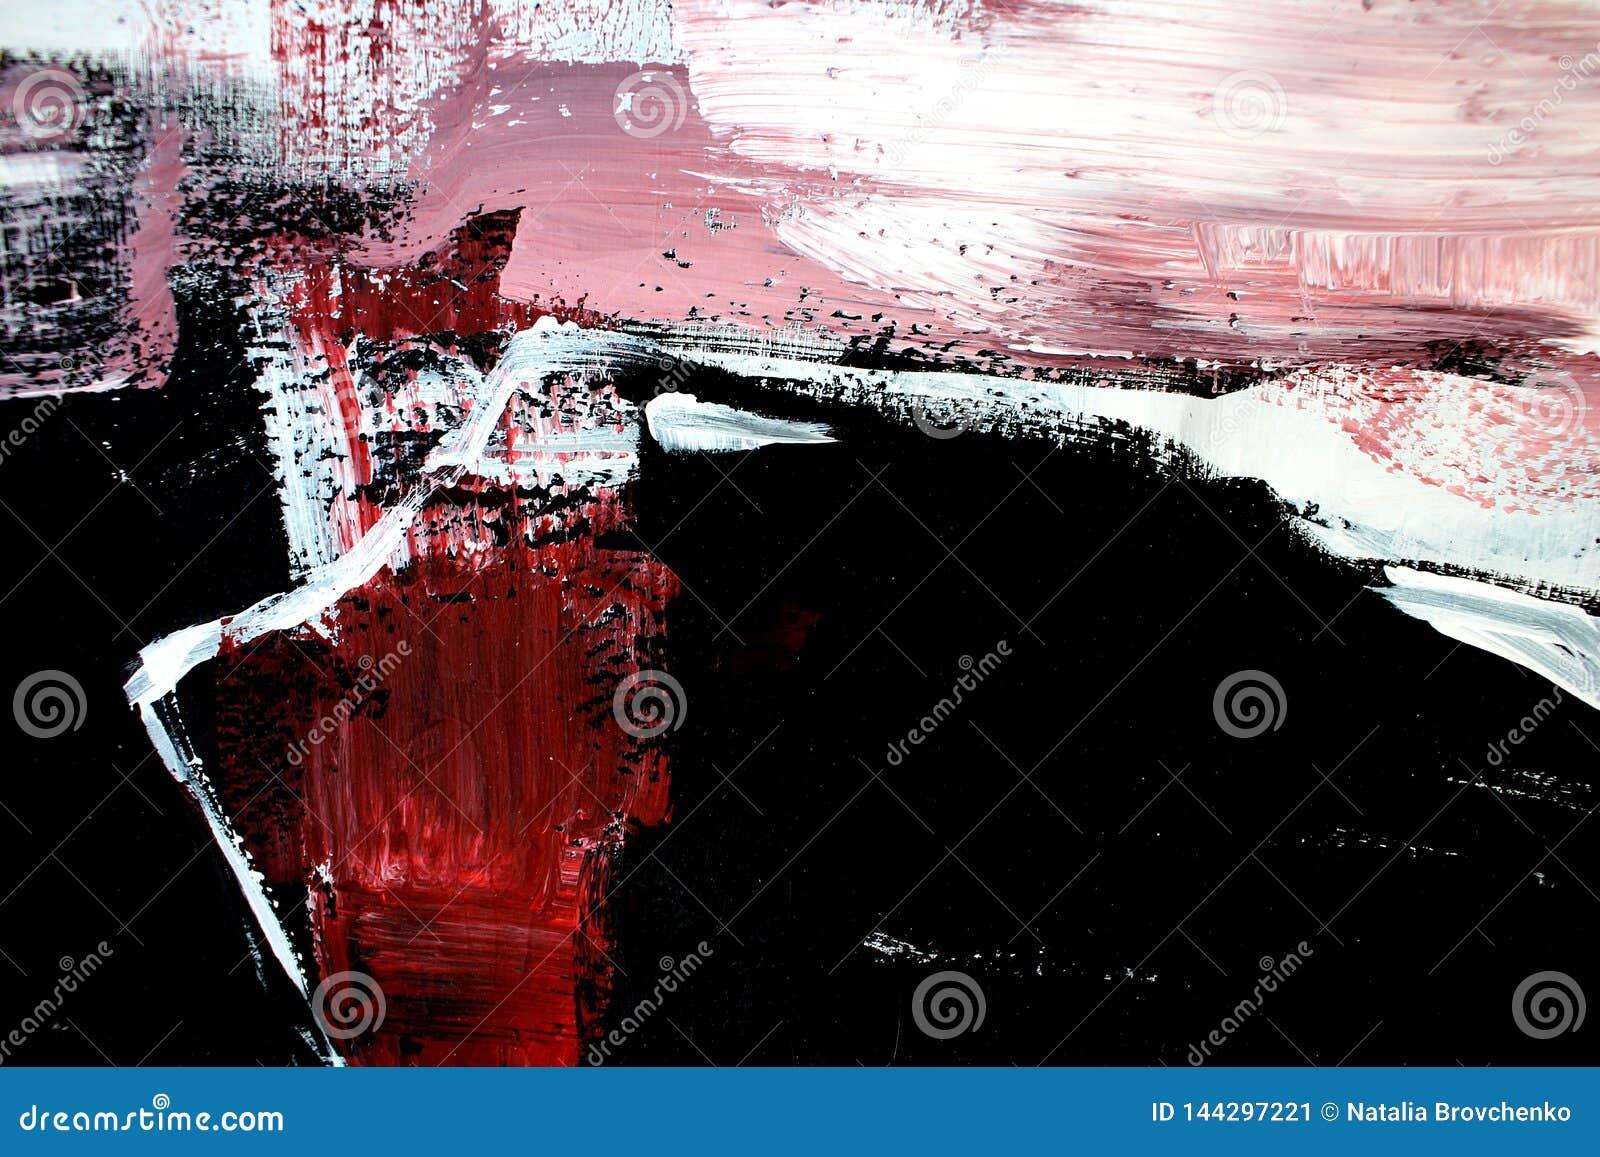 Röda svarta färger på kanfas abstrakt konstbakgrund Färgtextur Fragment av konstverk abstrakt kanfasmålning